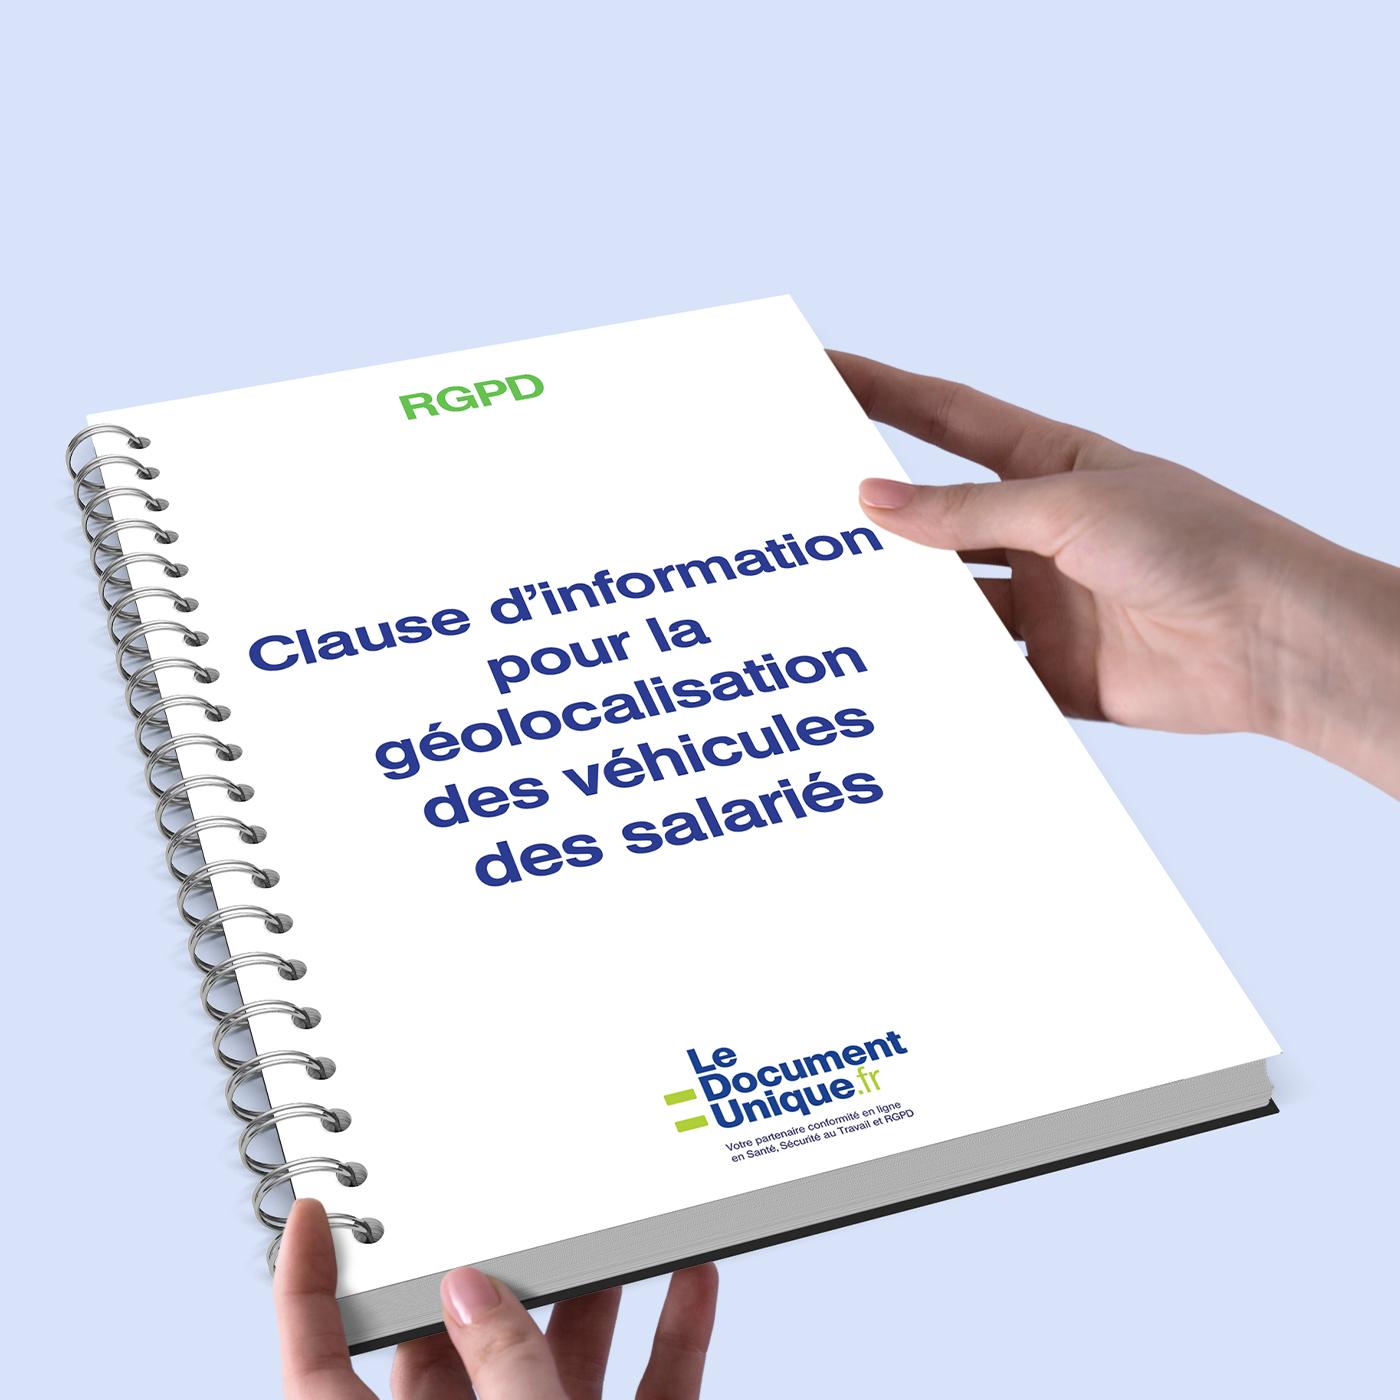 clause d'information pour la géolocalisation des véhicules des salariés